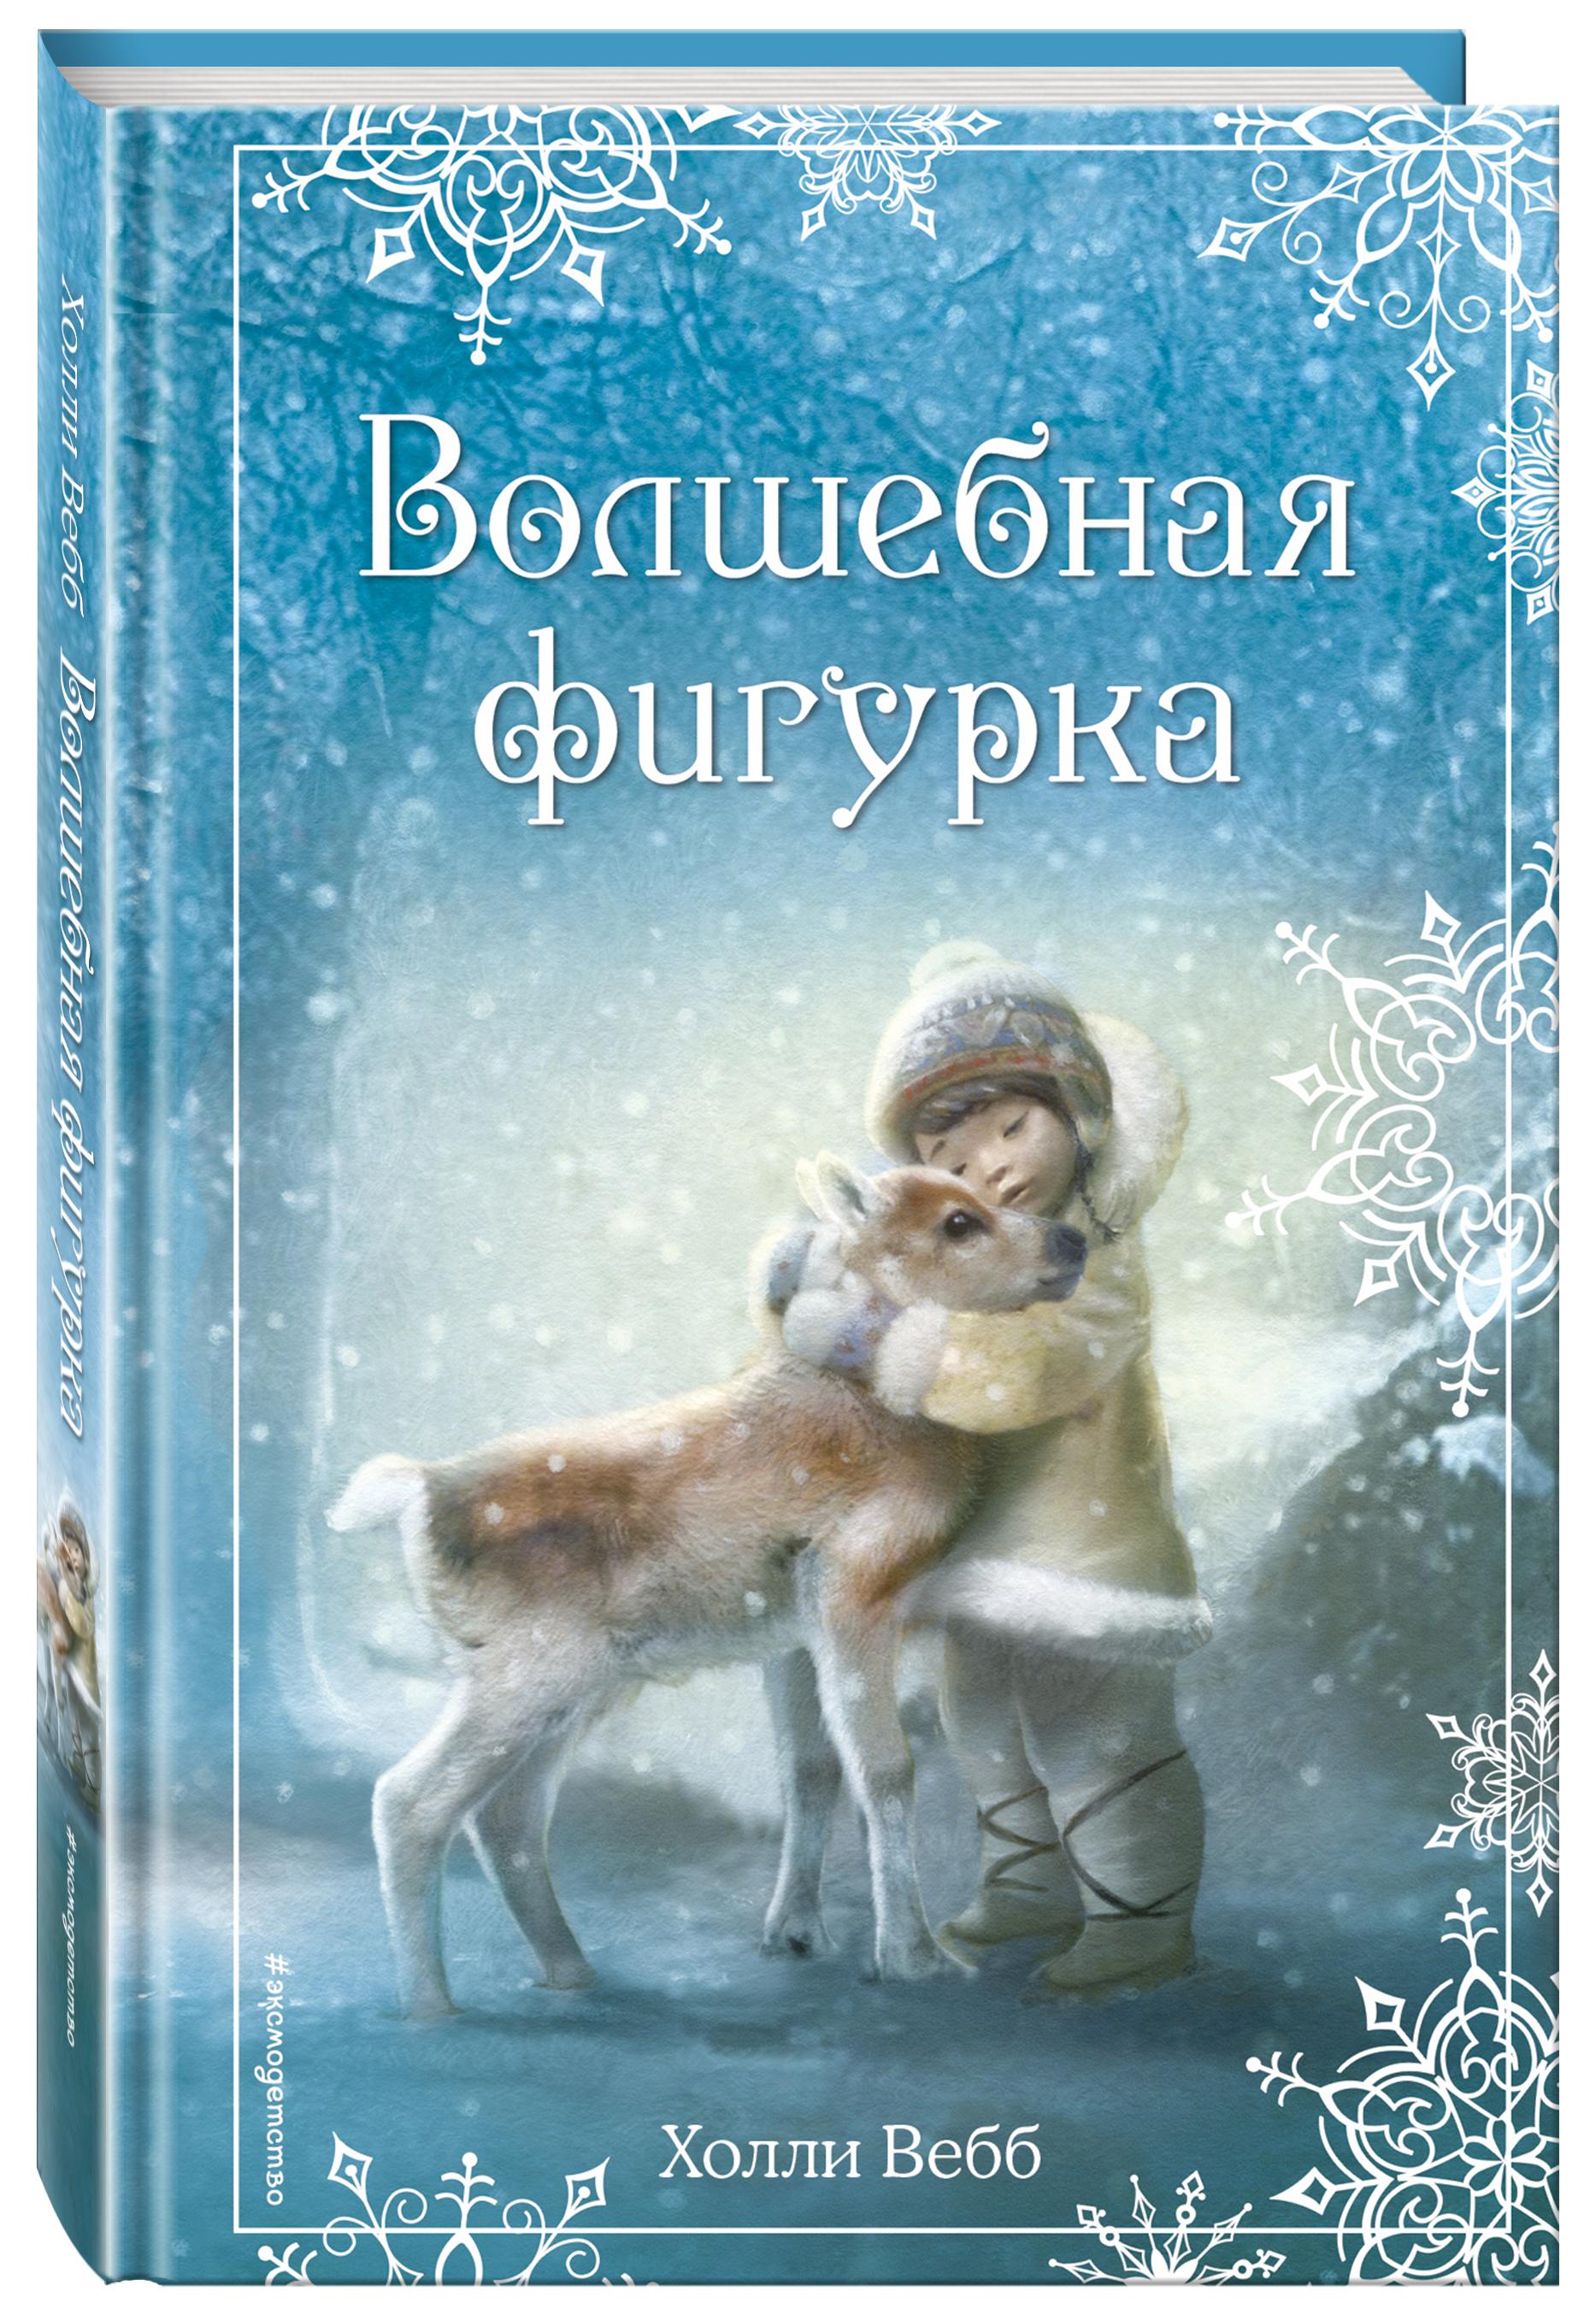 Холли Вебб Рождественские истории. Волшебная фигурка